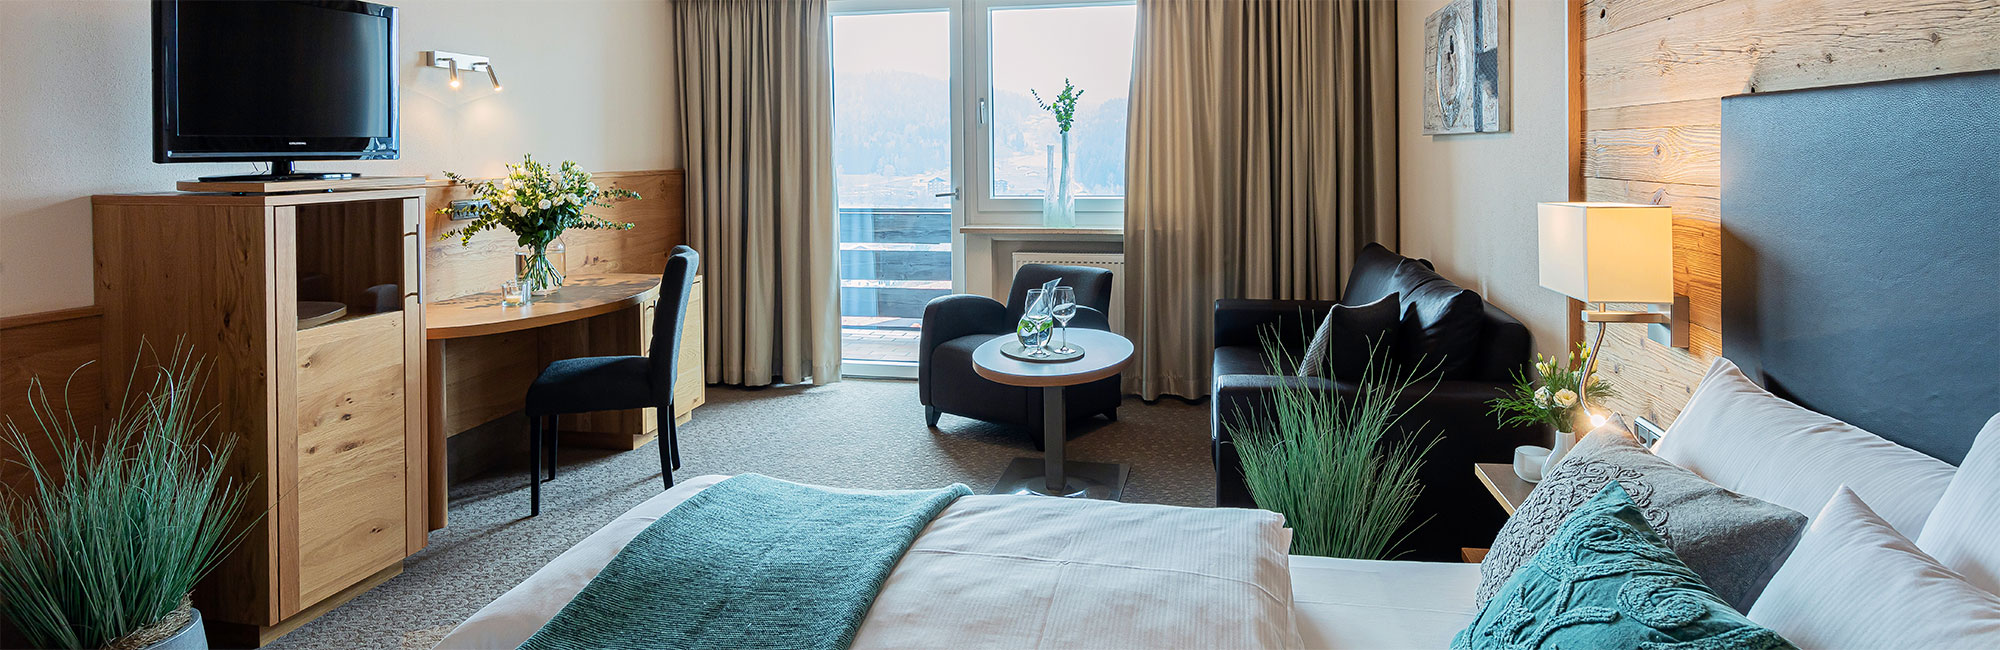 Hoteleinrichtung | Hotelzimmer Heimatglück